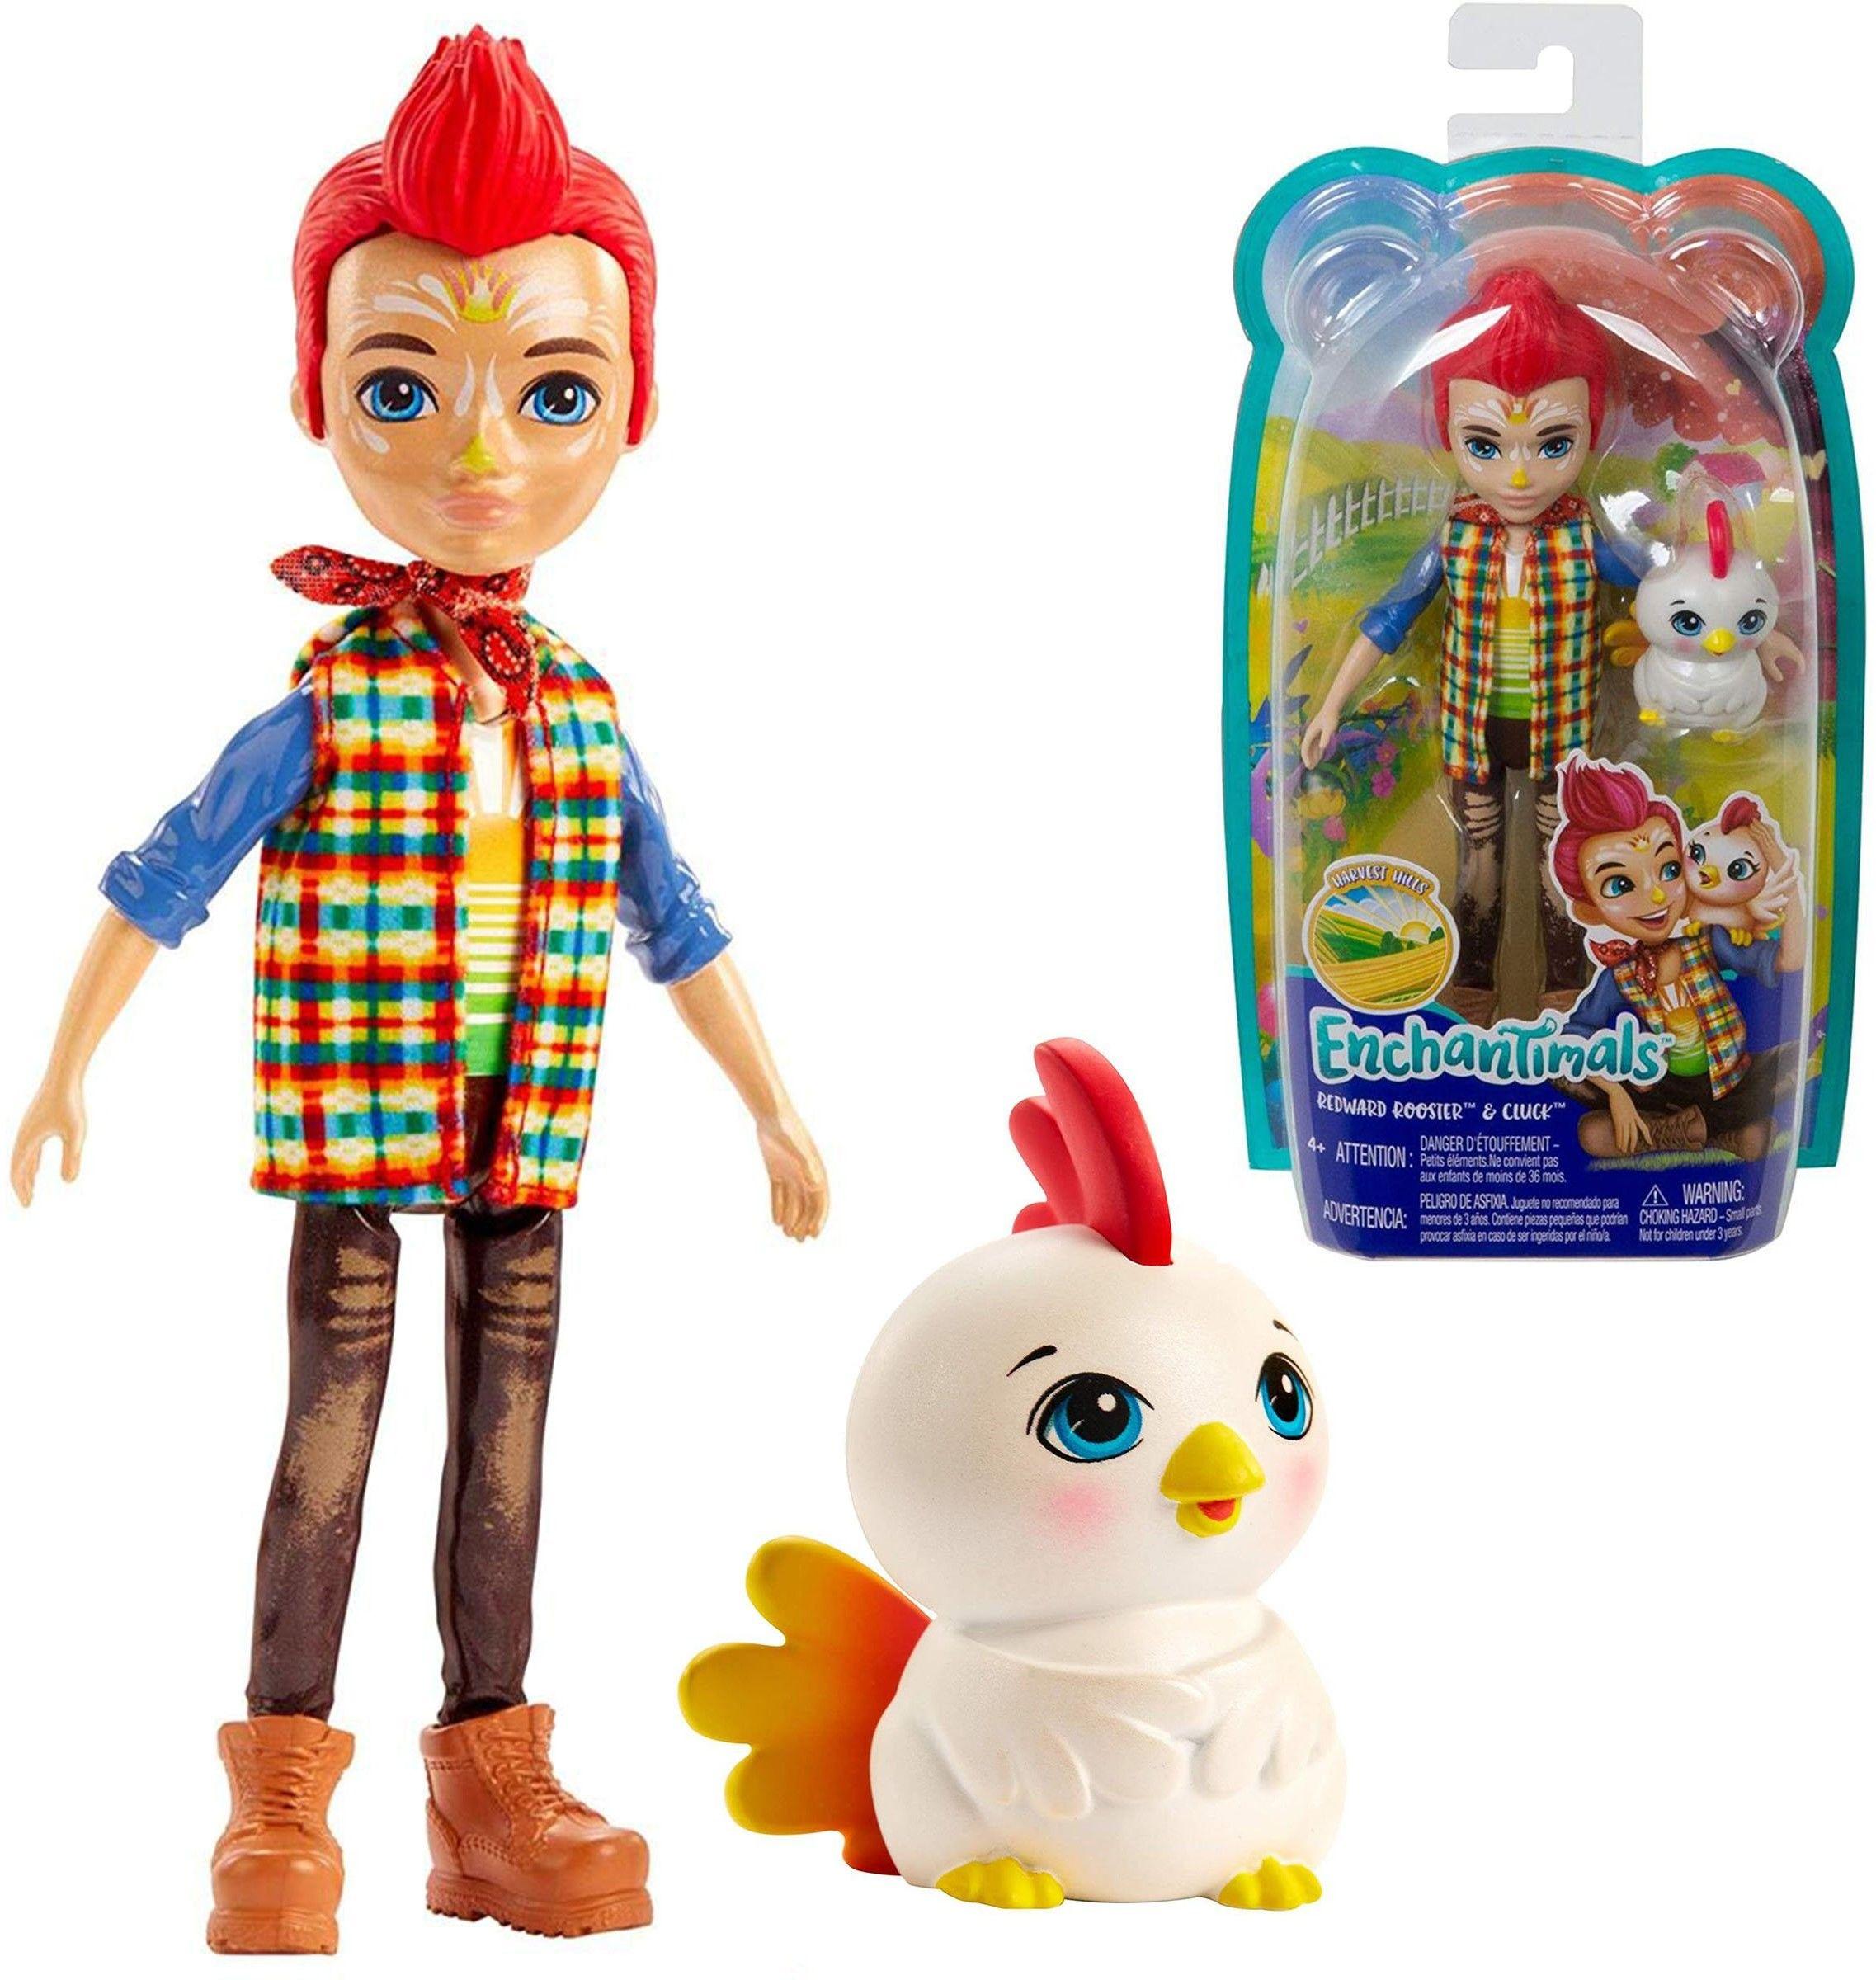 Enchantimals Lalka + zwierzątko Redward Rooster & Cluck GJX39